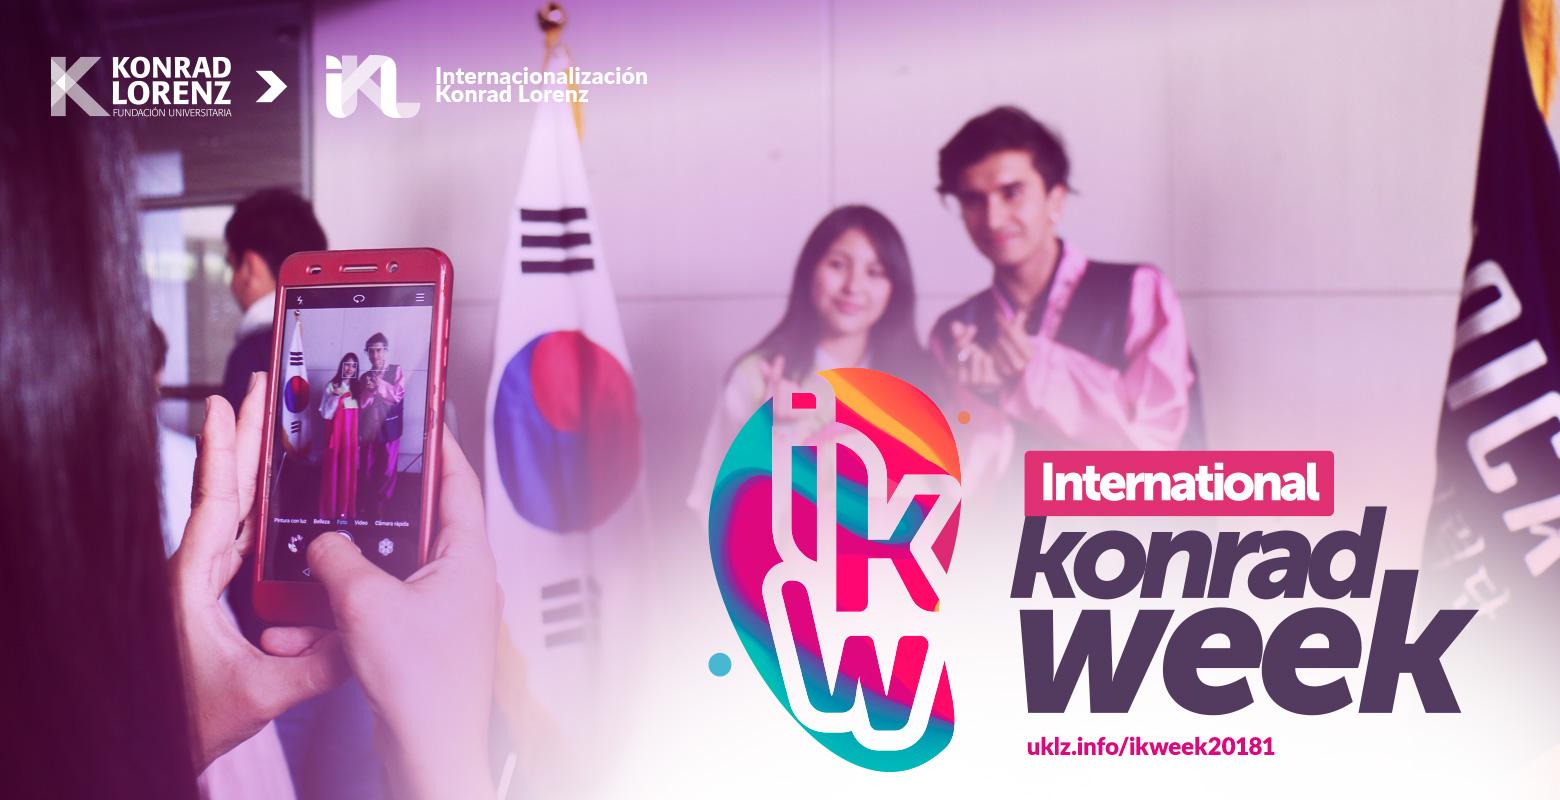 Una gran experiencia por el mundo con la IX International Konrad Week